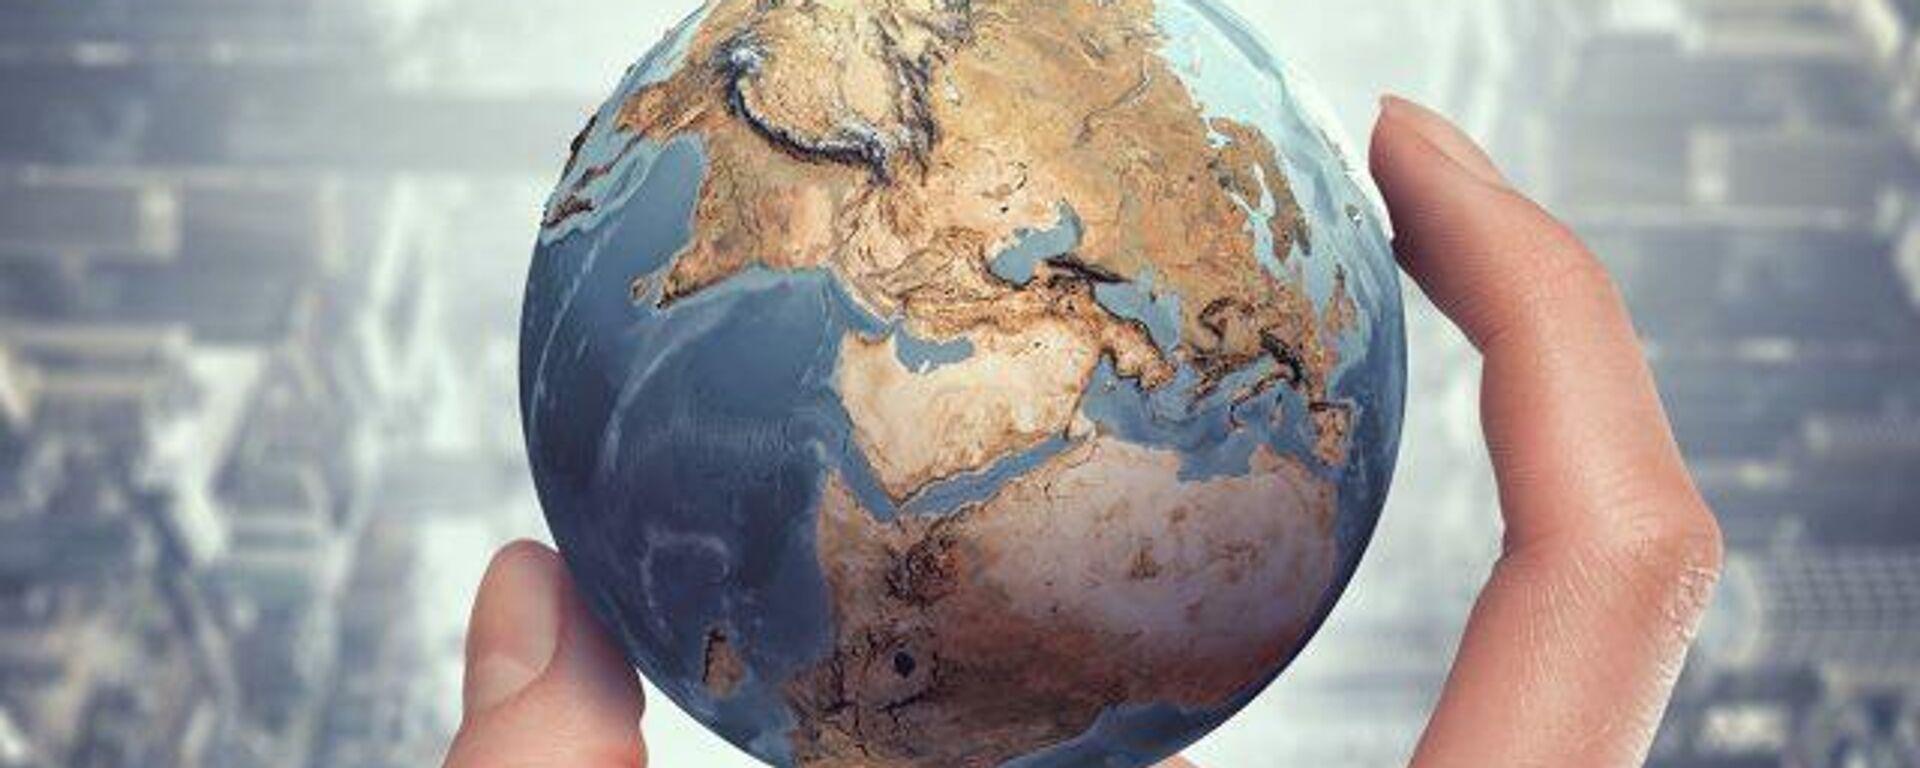 Crisis en Haití: cambió el primer ministro pero todo sigue igual - Sputnik Mundo, 1920, 16.04.2021